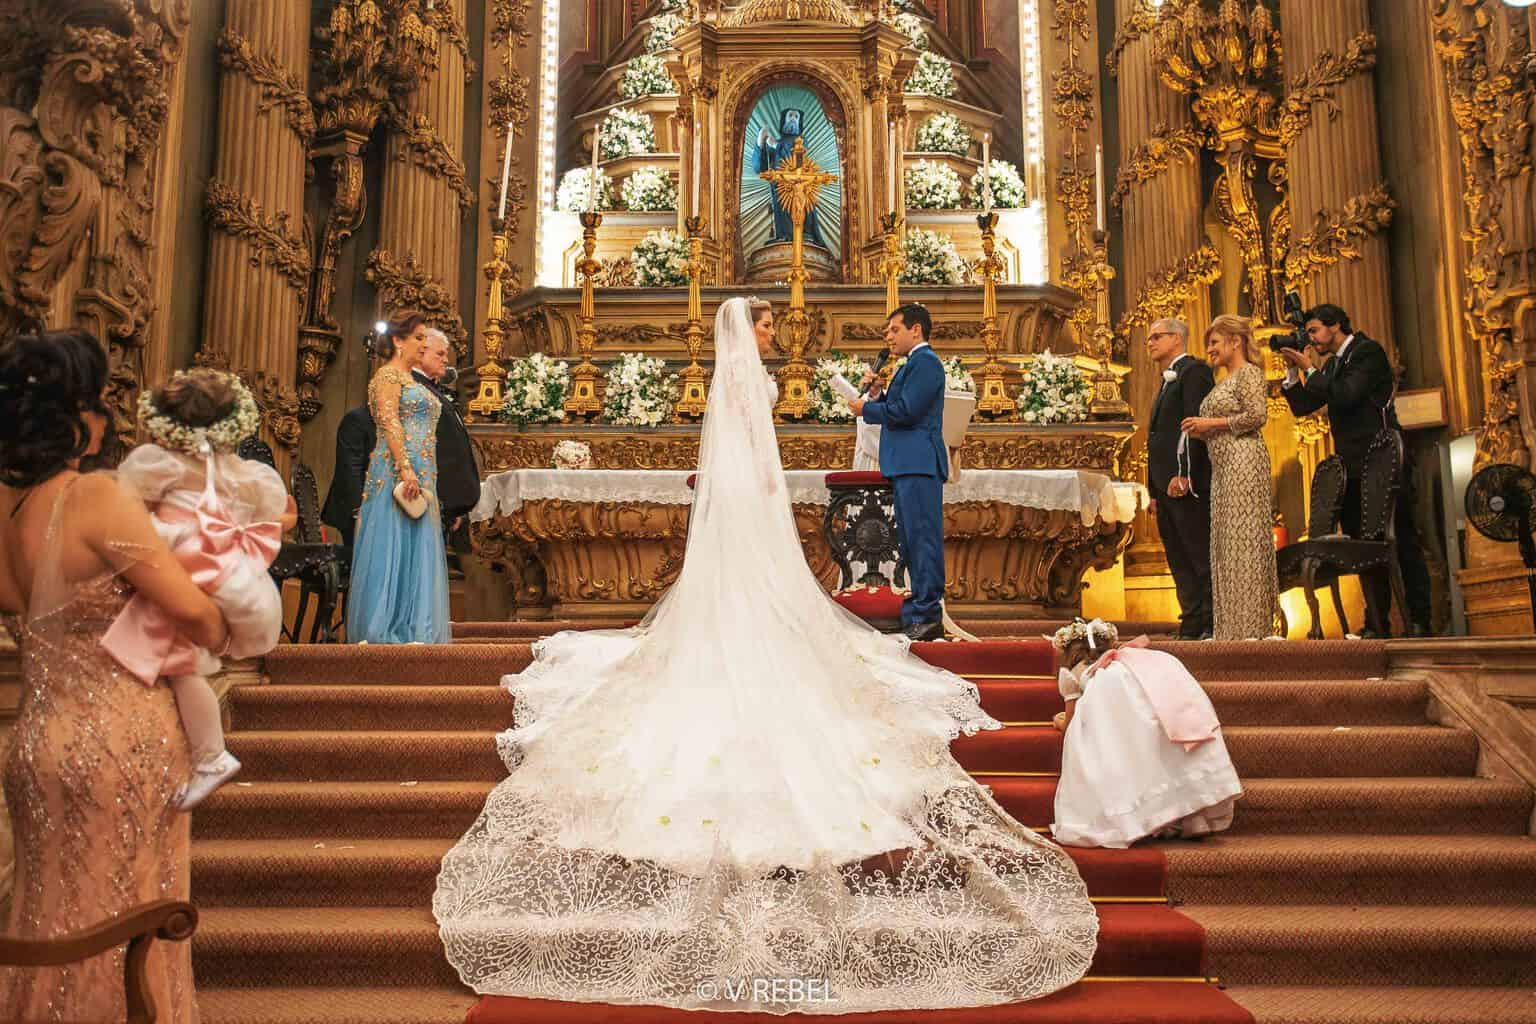 casamento-Caroline-e-Breno-casamento-clássico-cerimonia-na-igreja-fotografia-VRebel-noivos-no-altar46